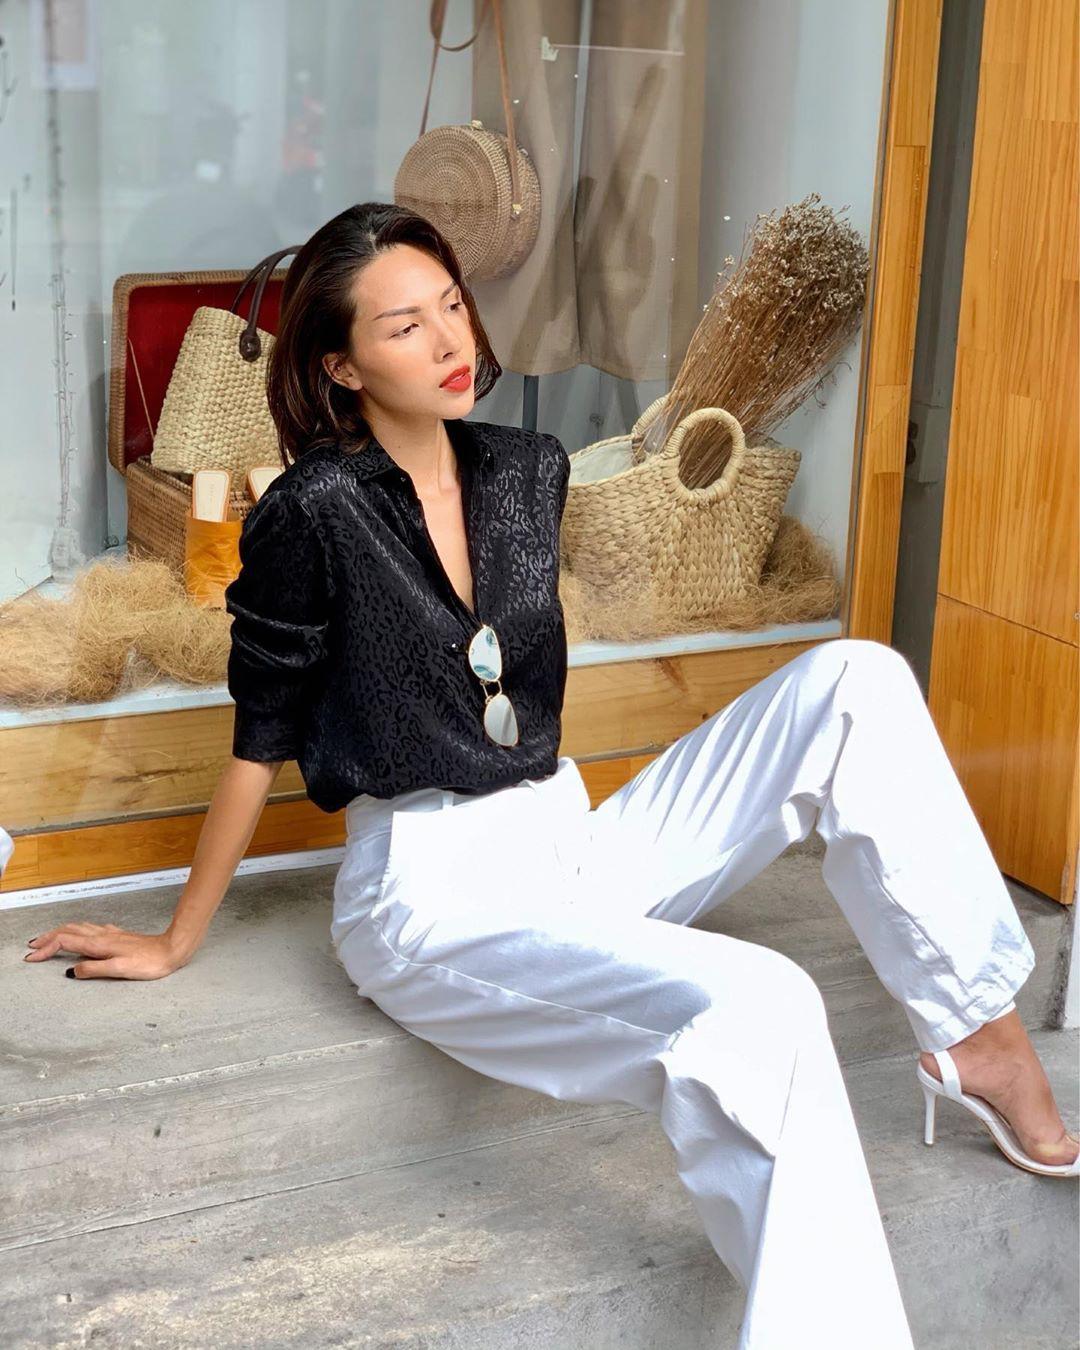 Làm chủ công thức diện đồ đen - trắng với 13 ý tưởng từ sao nữ Việt, và style của bạn sẽ lên đời thấy rõ-5